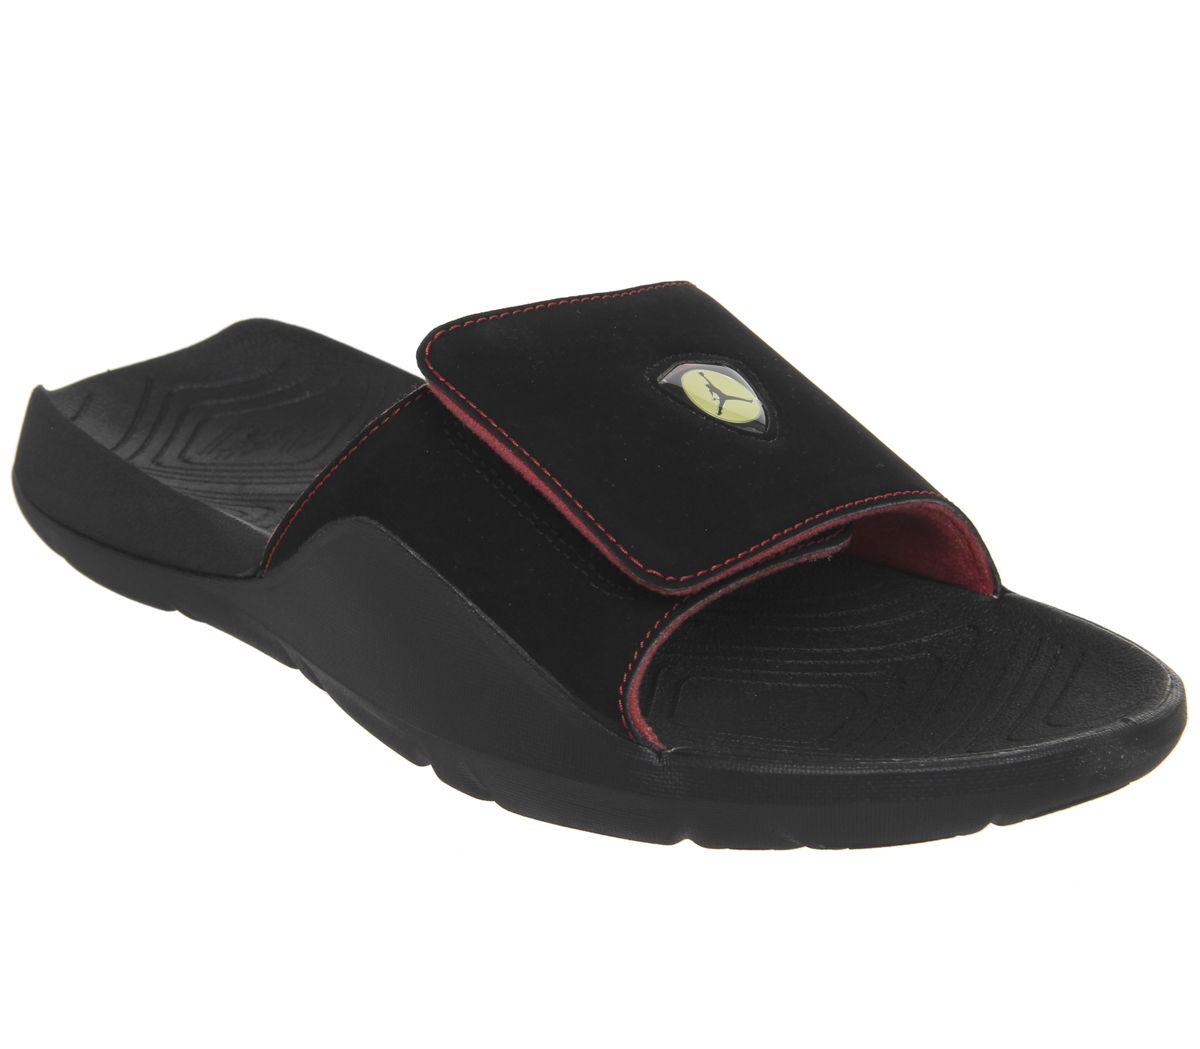 ec5e9e31654 Jordan Hydro 7 Slides